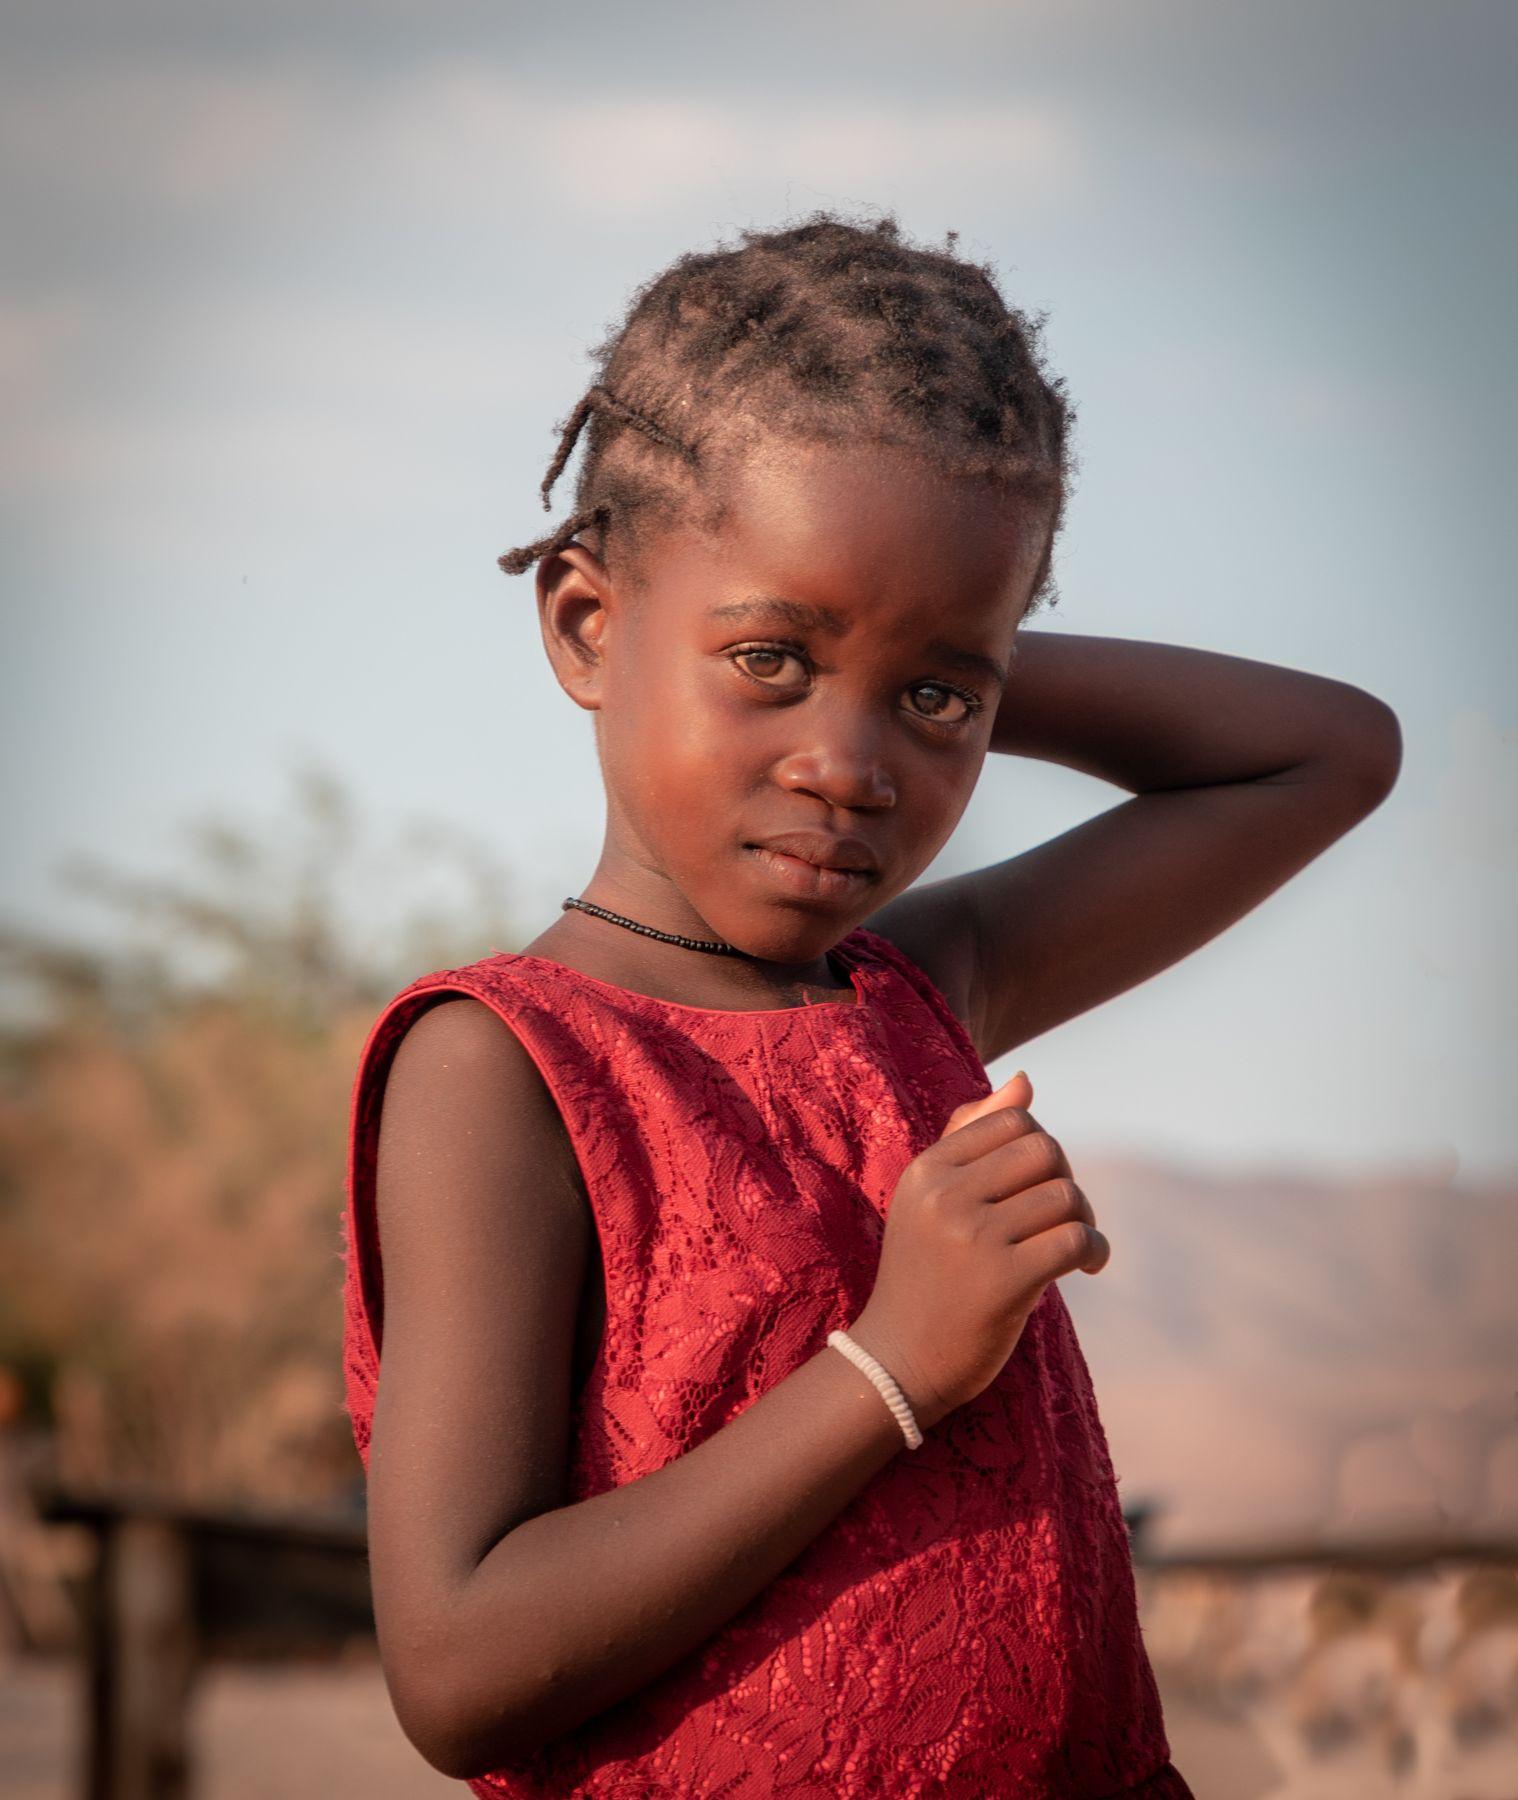 Девочка из племени гереро, Намибия африка намибия портрет женский девочка девушка